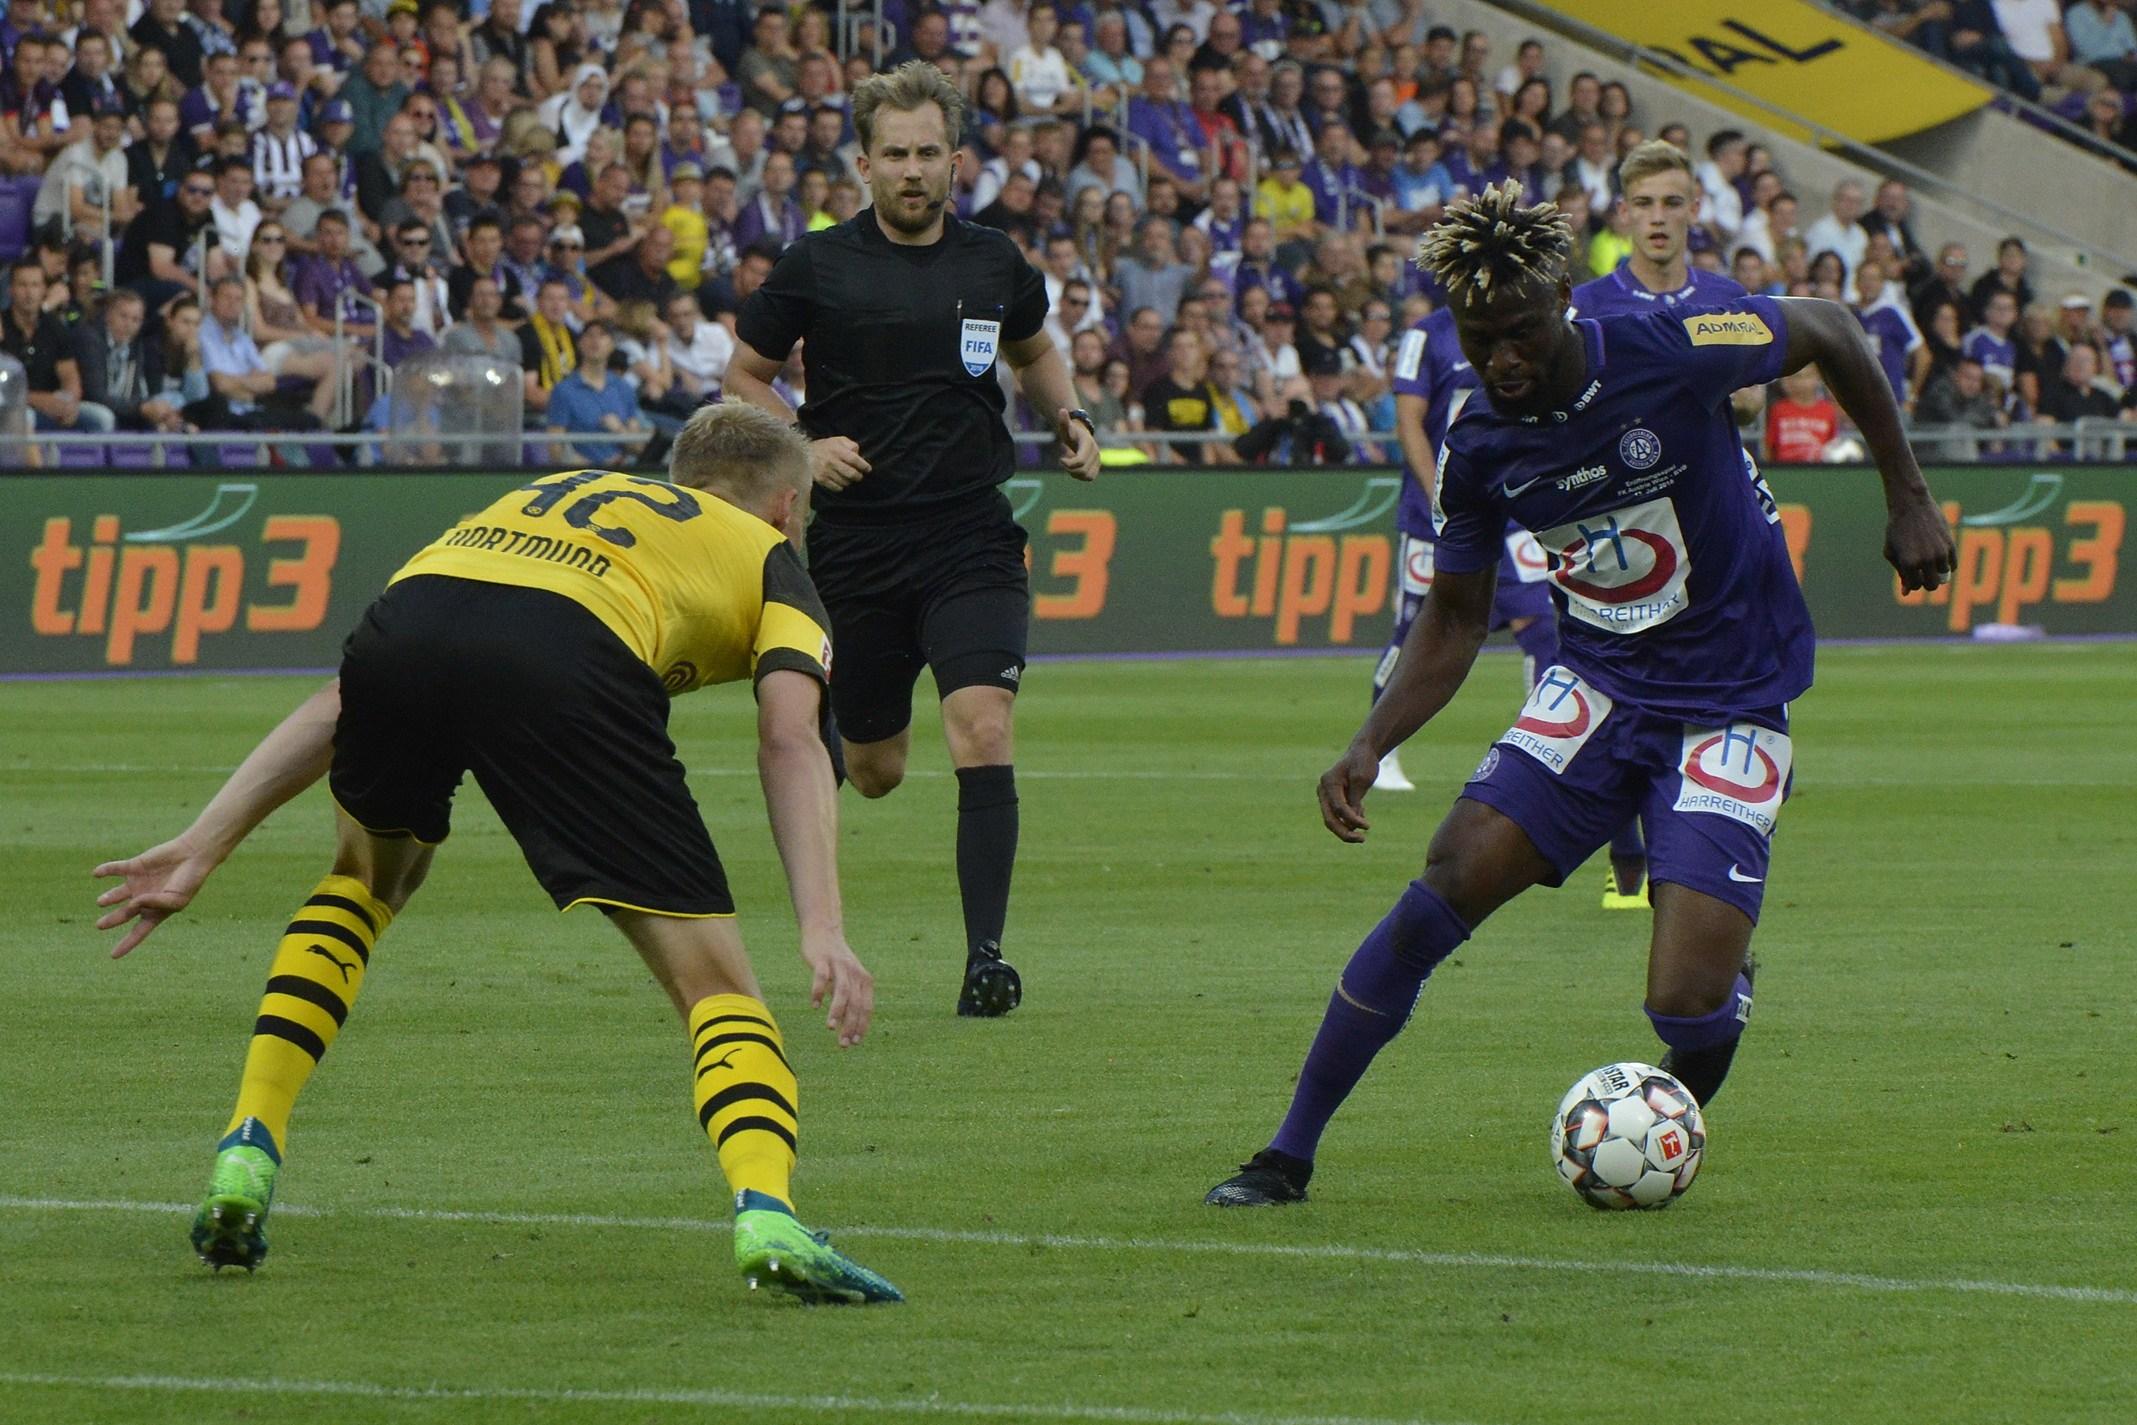 Warum die österreichische Bundesliga immer drittklassig bleiben wird